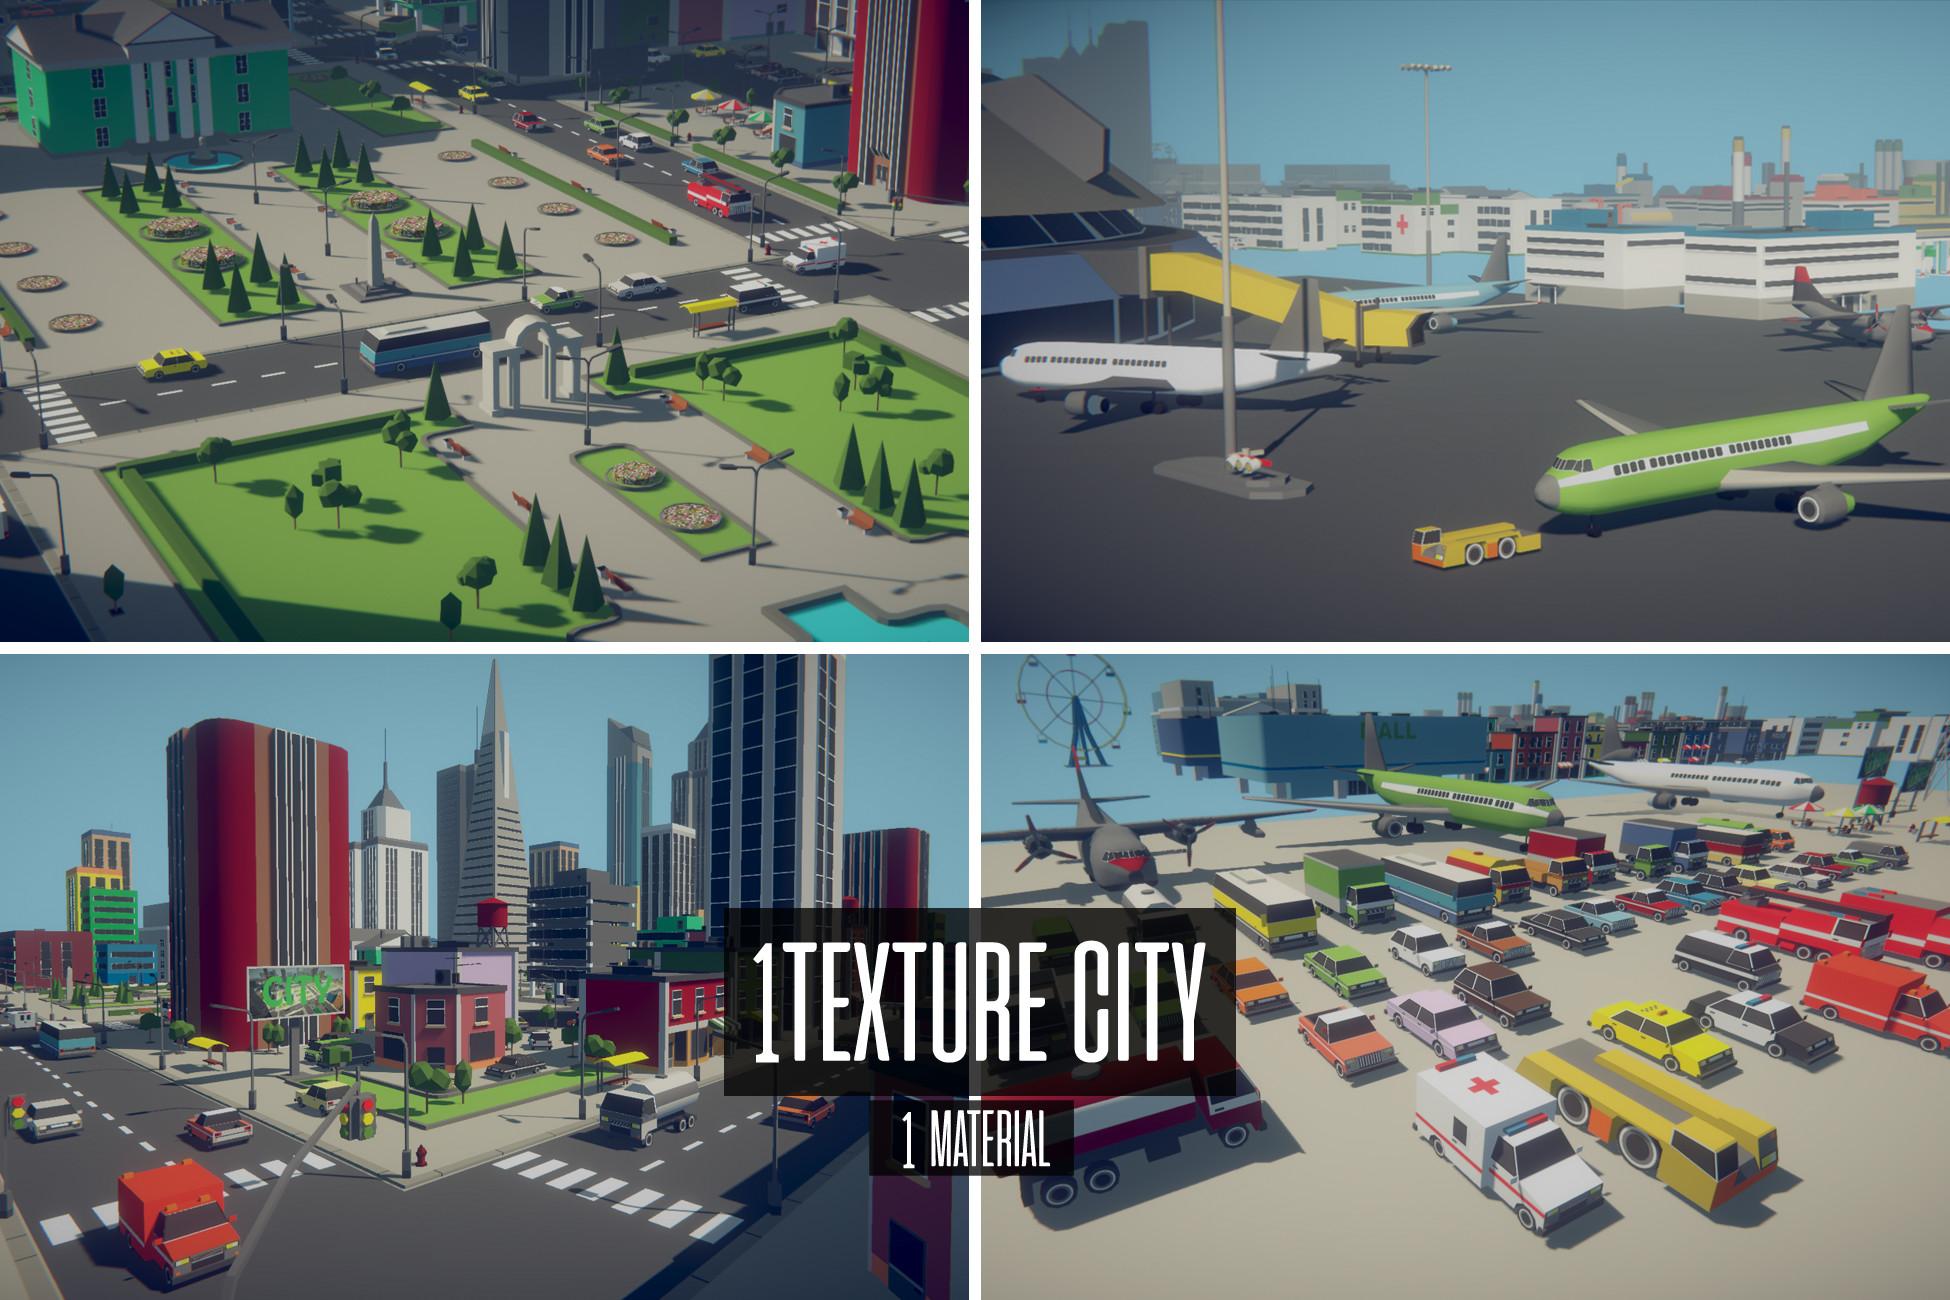 1Texture City